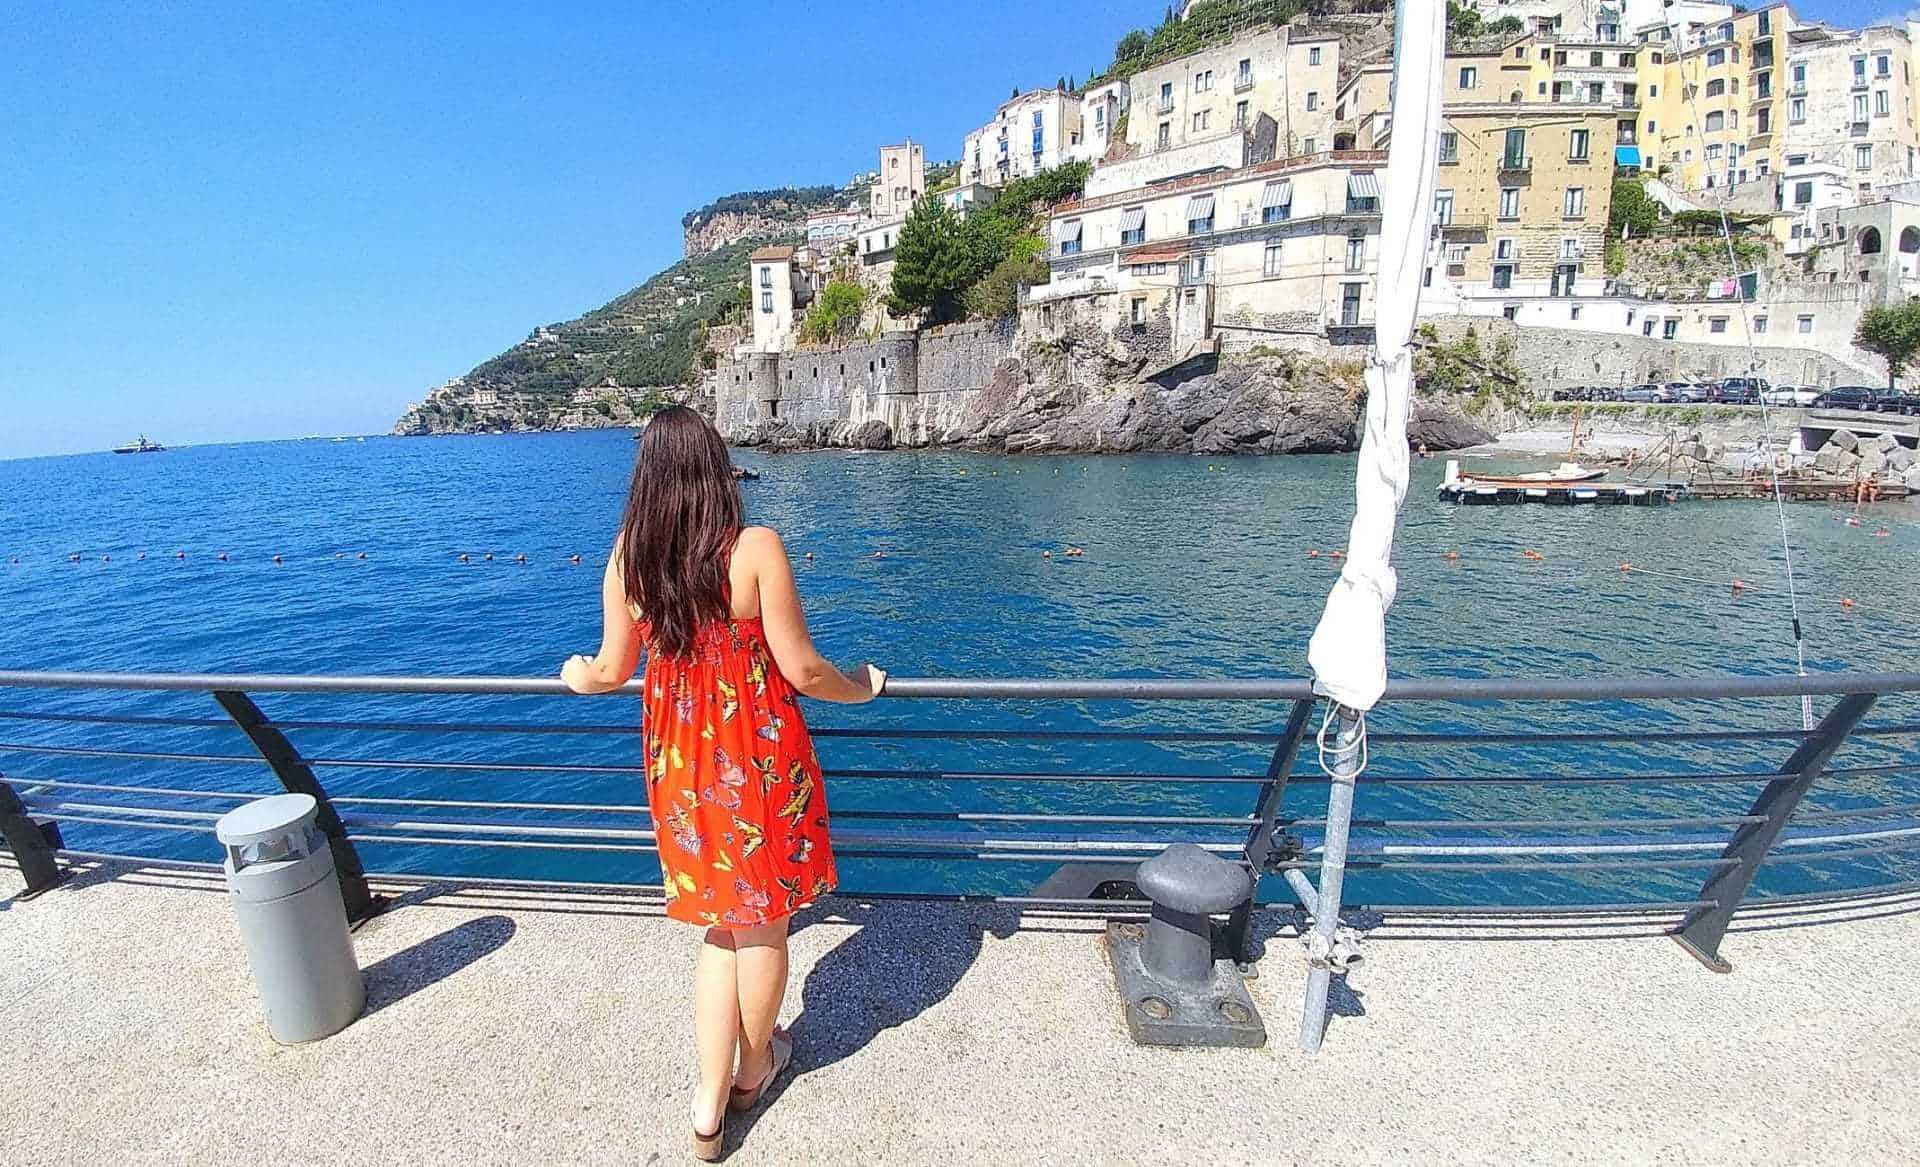 Cosa vedere a Minori: il mio tour nel borgo dell'otium in Costiera Amalfitana